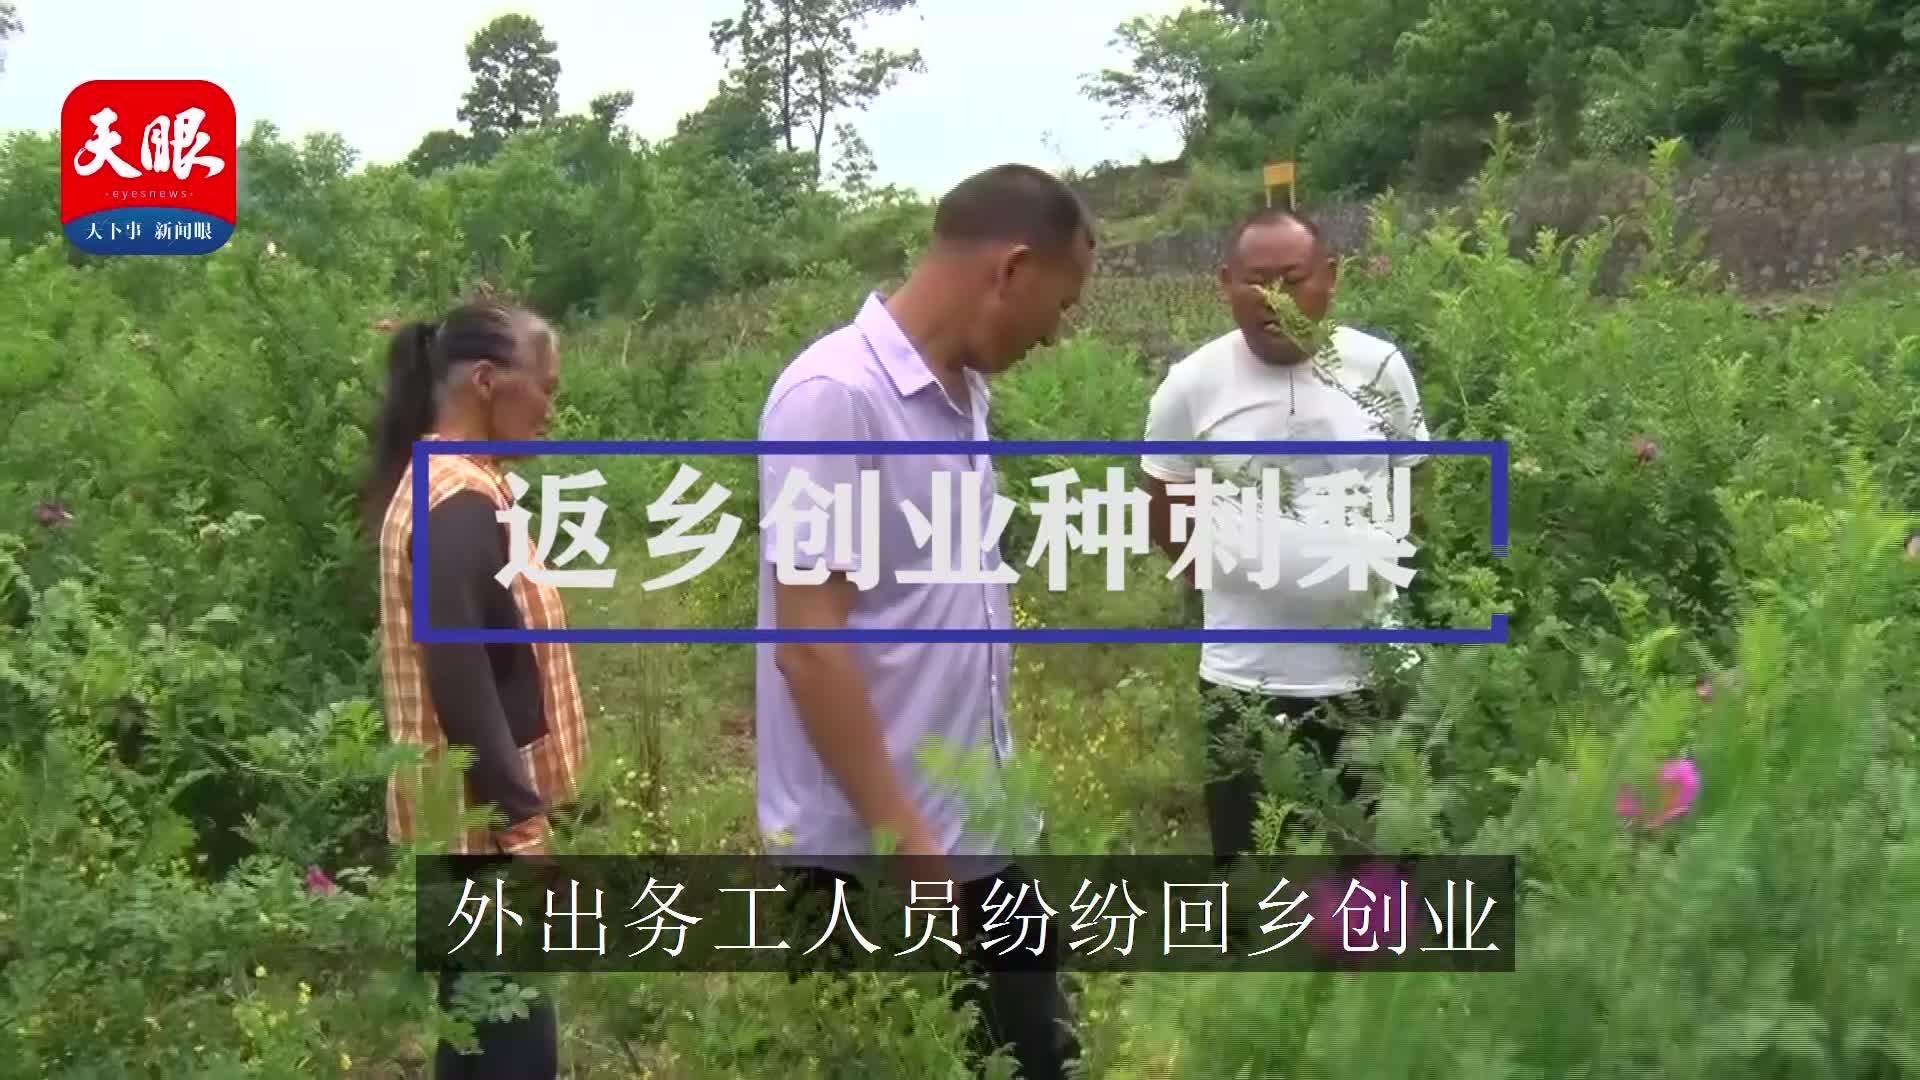 息烽县养龙司镇农户:勤学专研种植业 返乡创业种刺梨